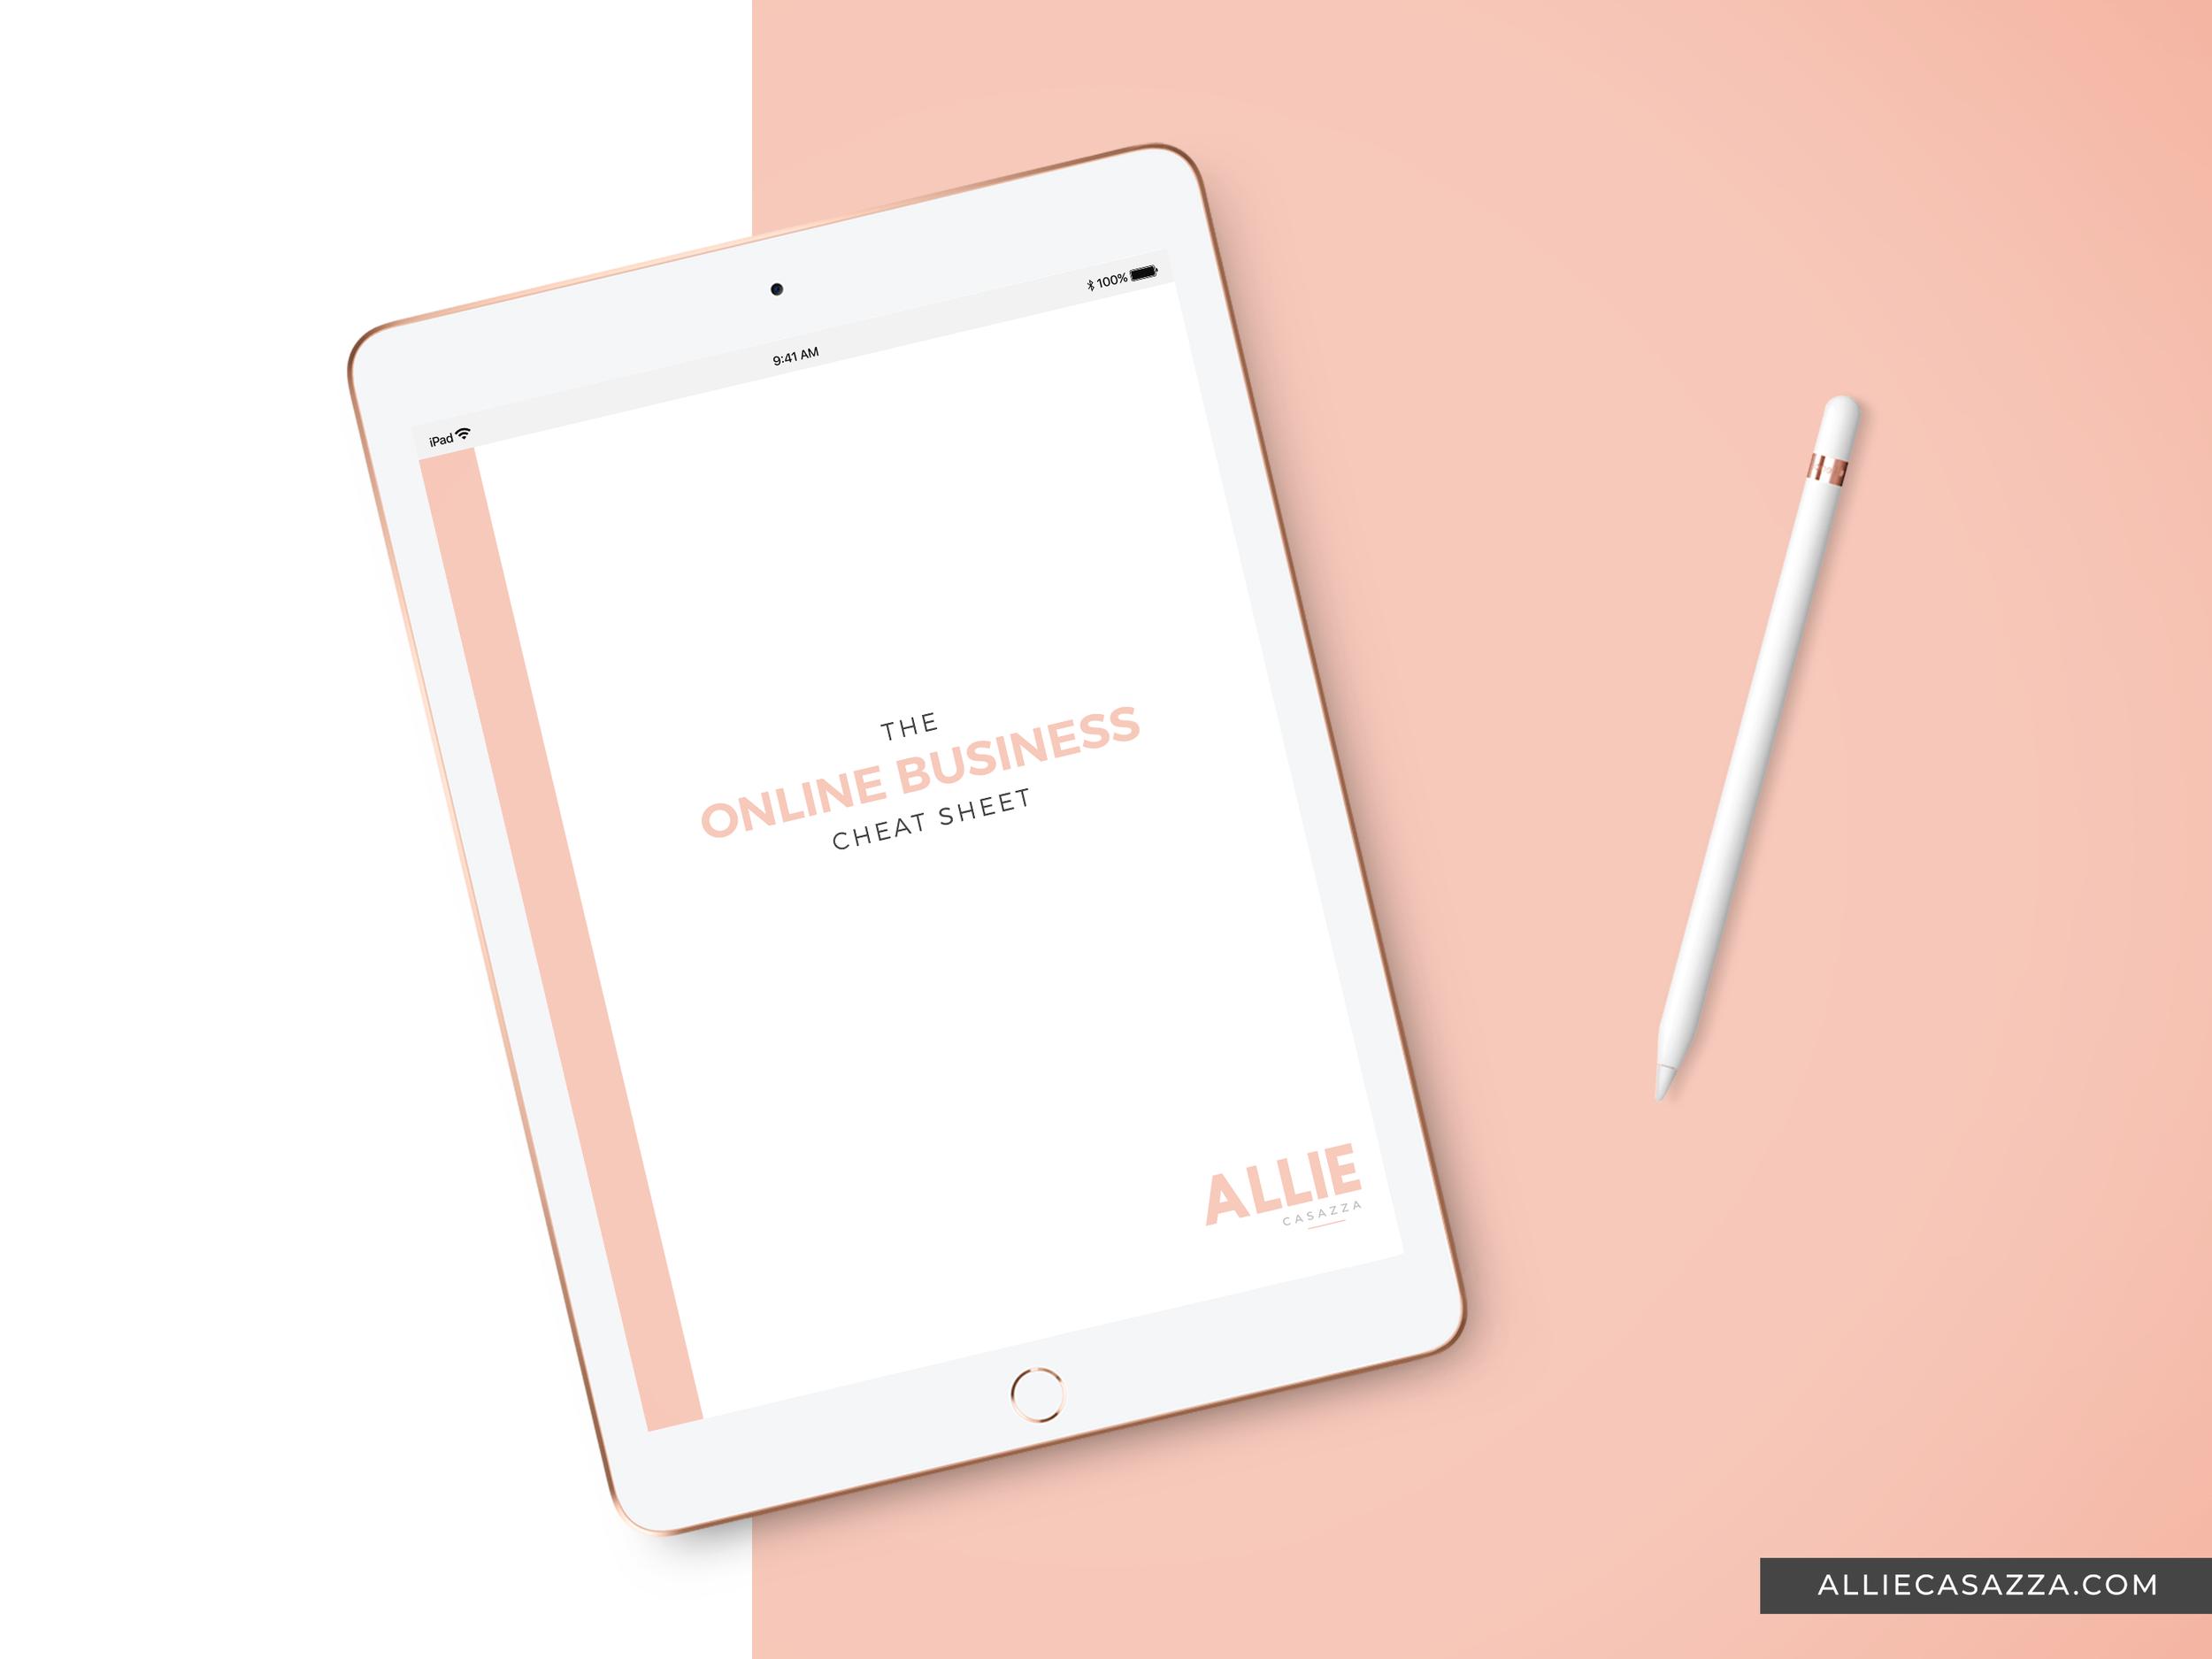 OnlineBusinessCheatSheet-Mockup-iPad.png